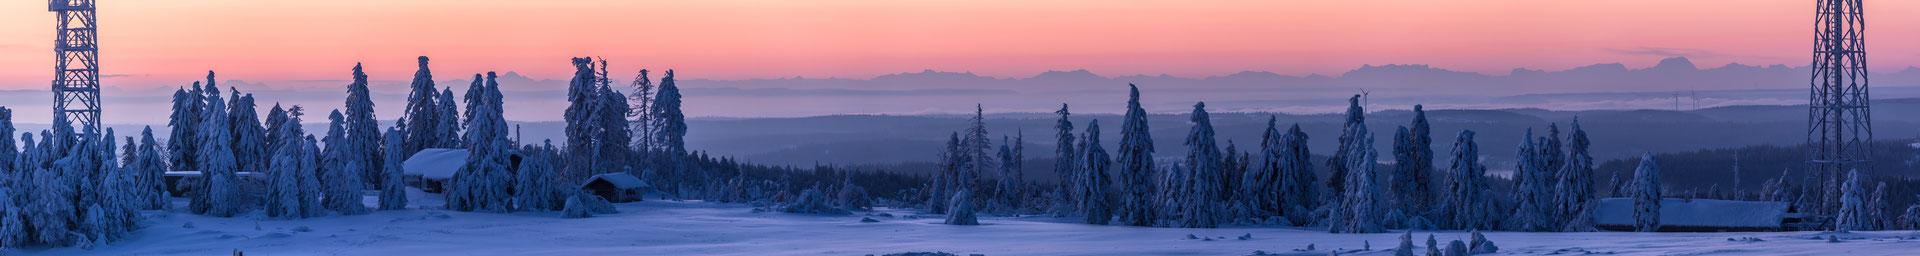 Alpensicht von der Hornisgrinde